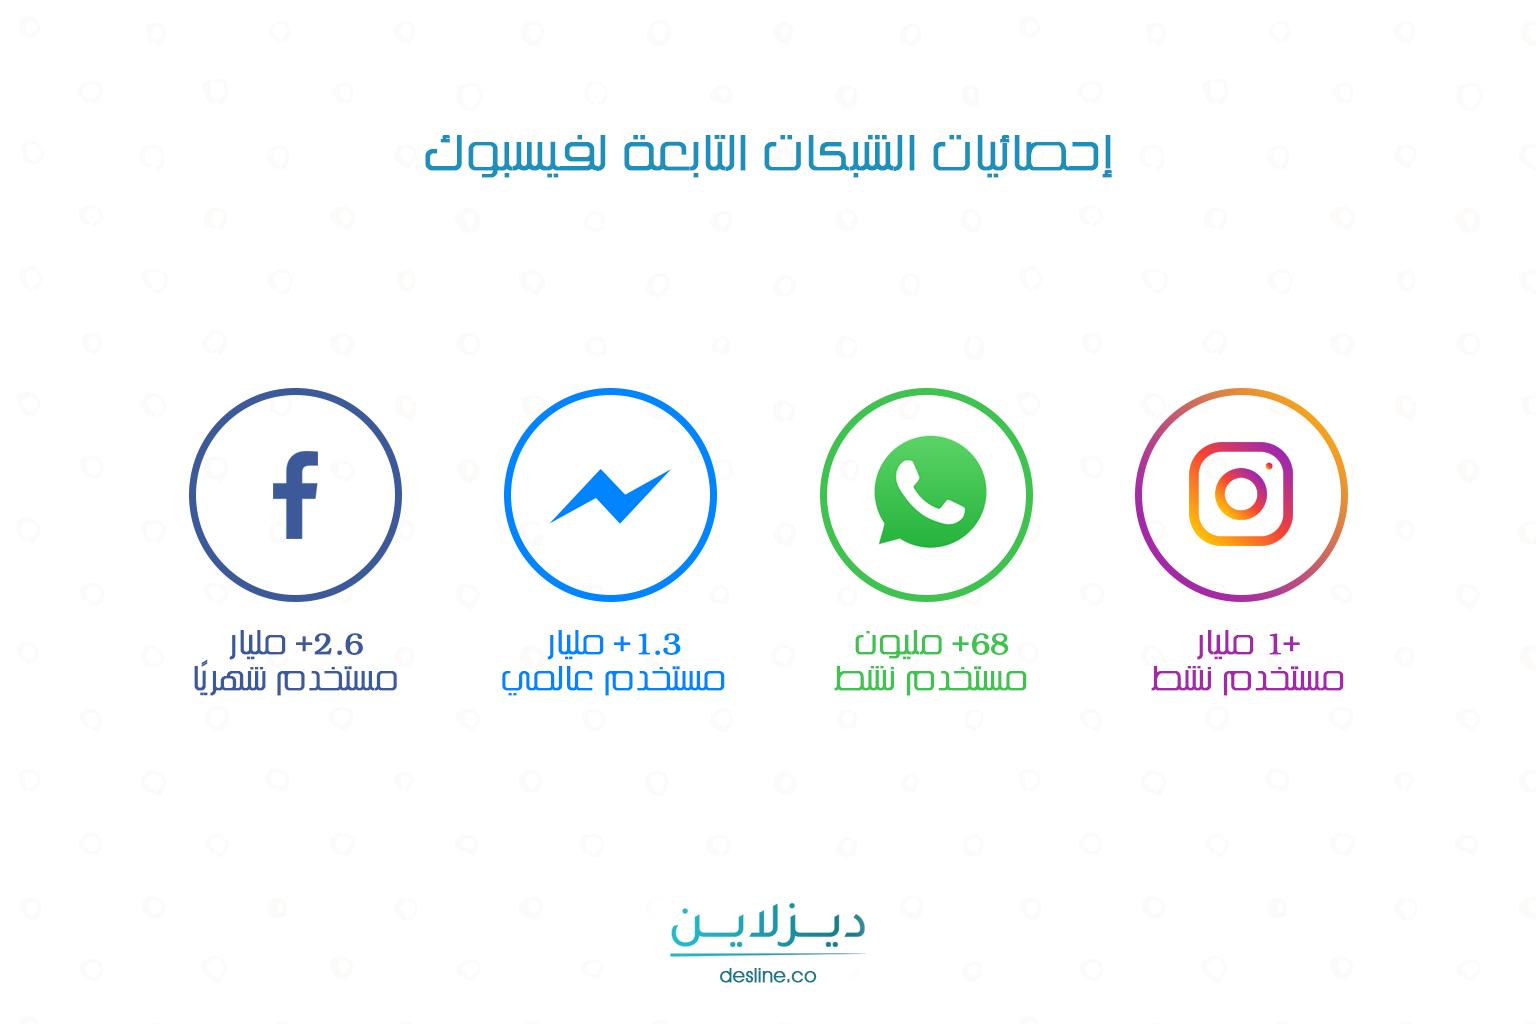 إحصائيات الشبكات التابعة لفيسبوك